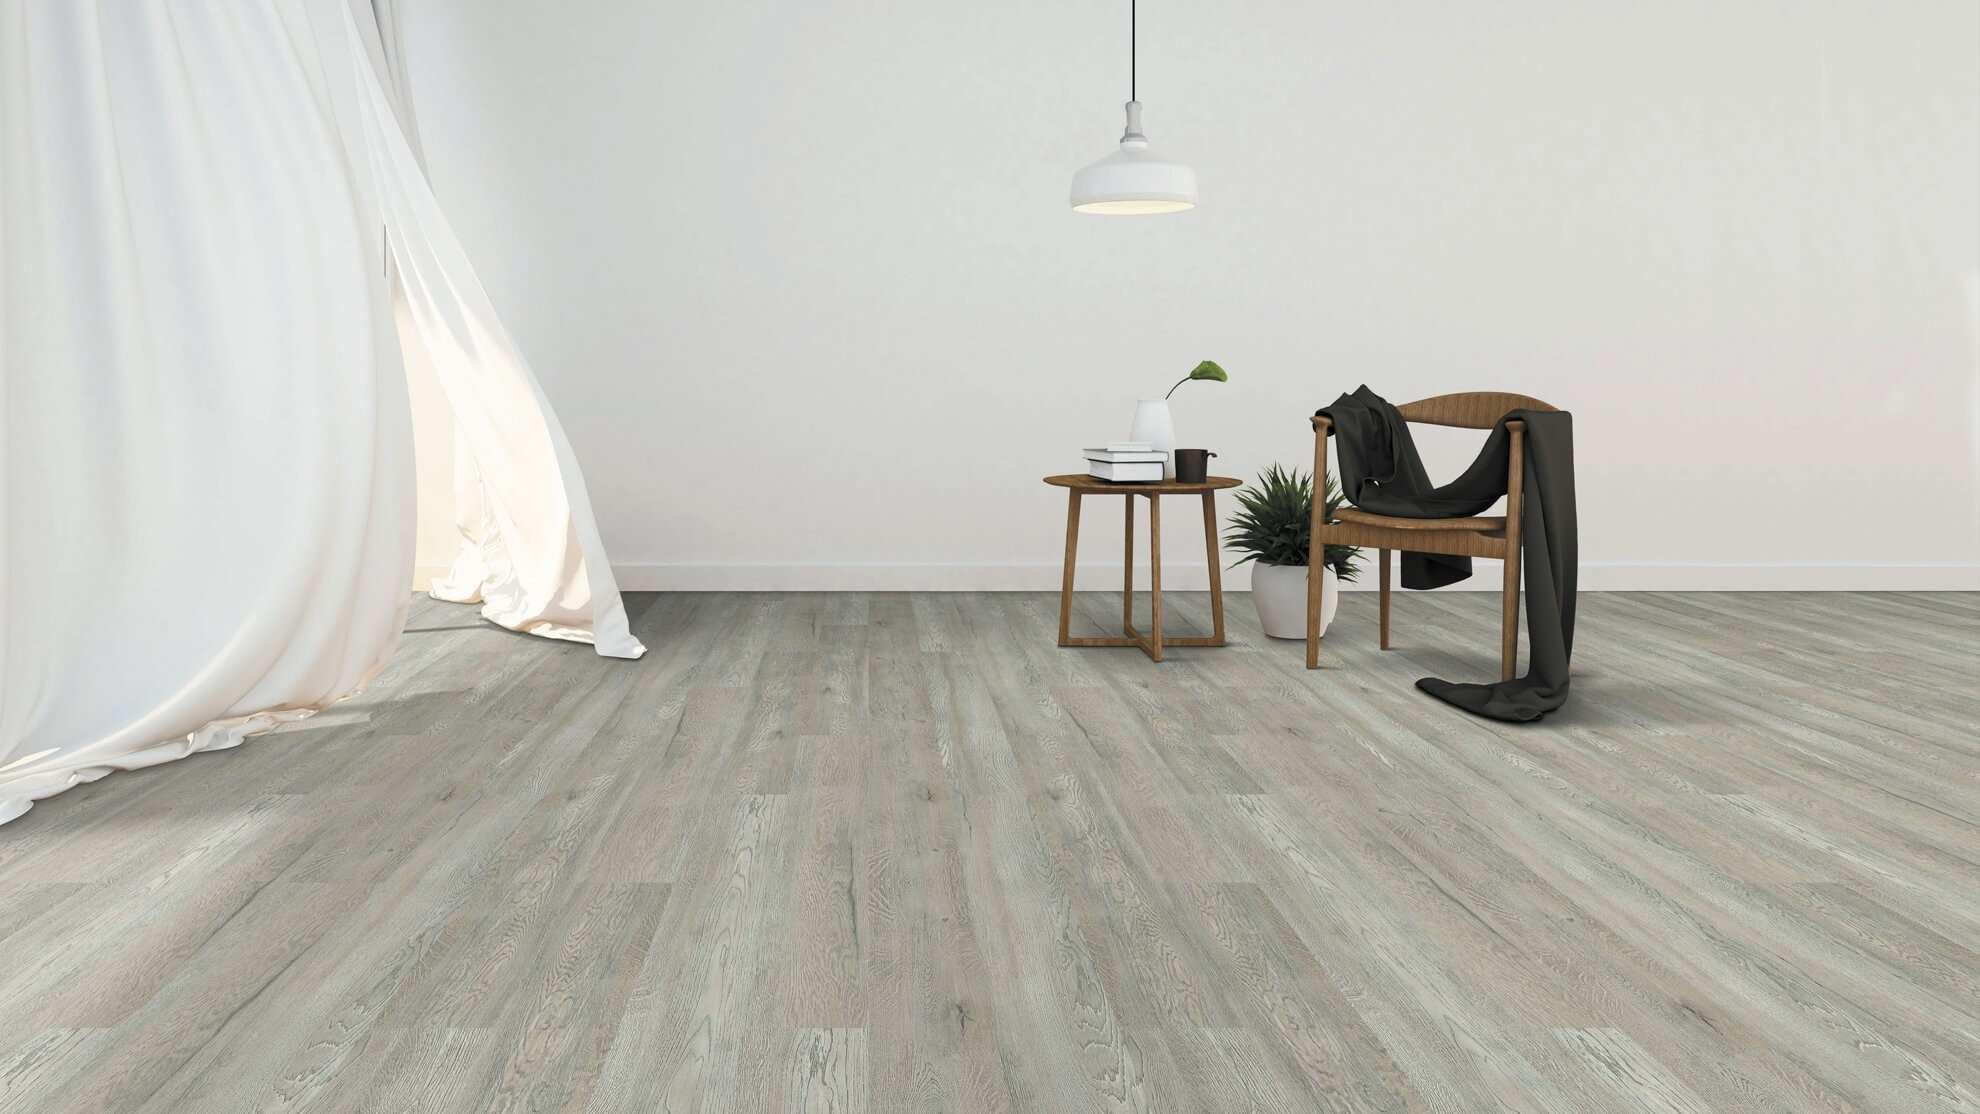 21 Fashionable Hardwood Floor Glue Lowes | Unique Flooring Ideas